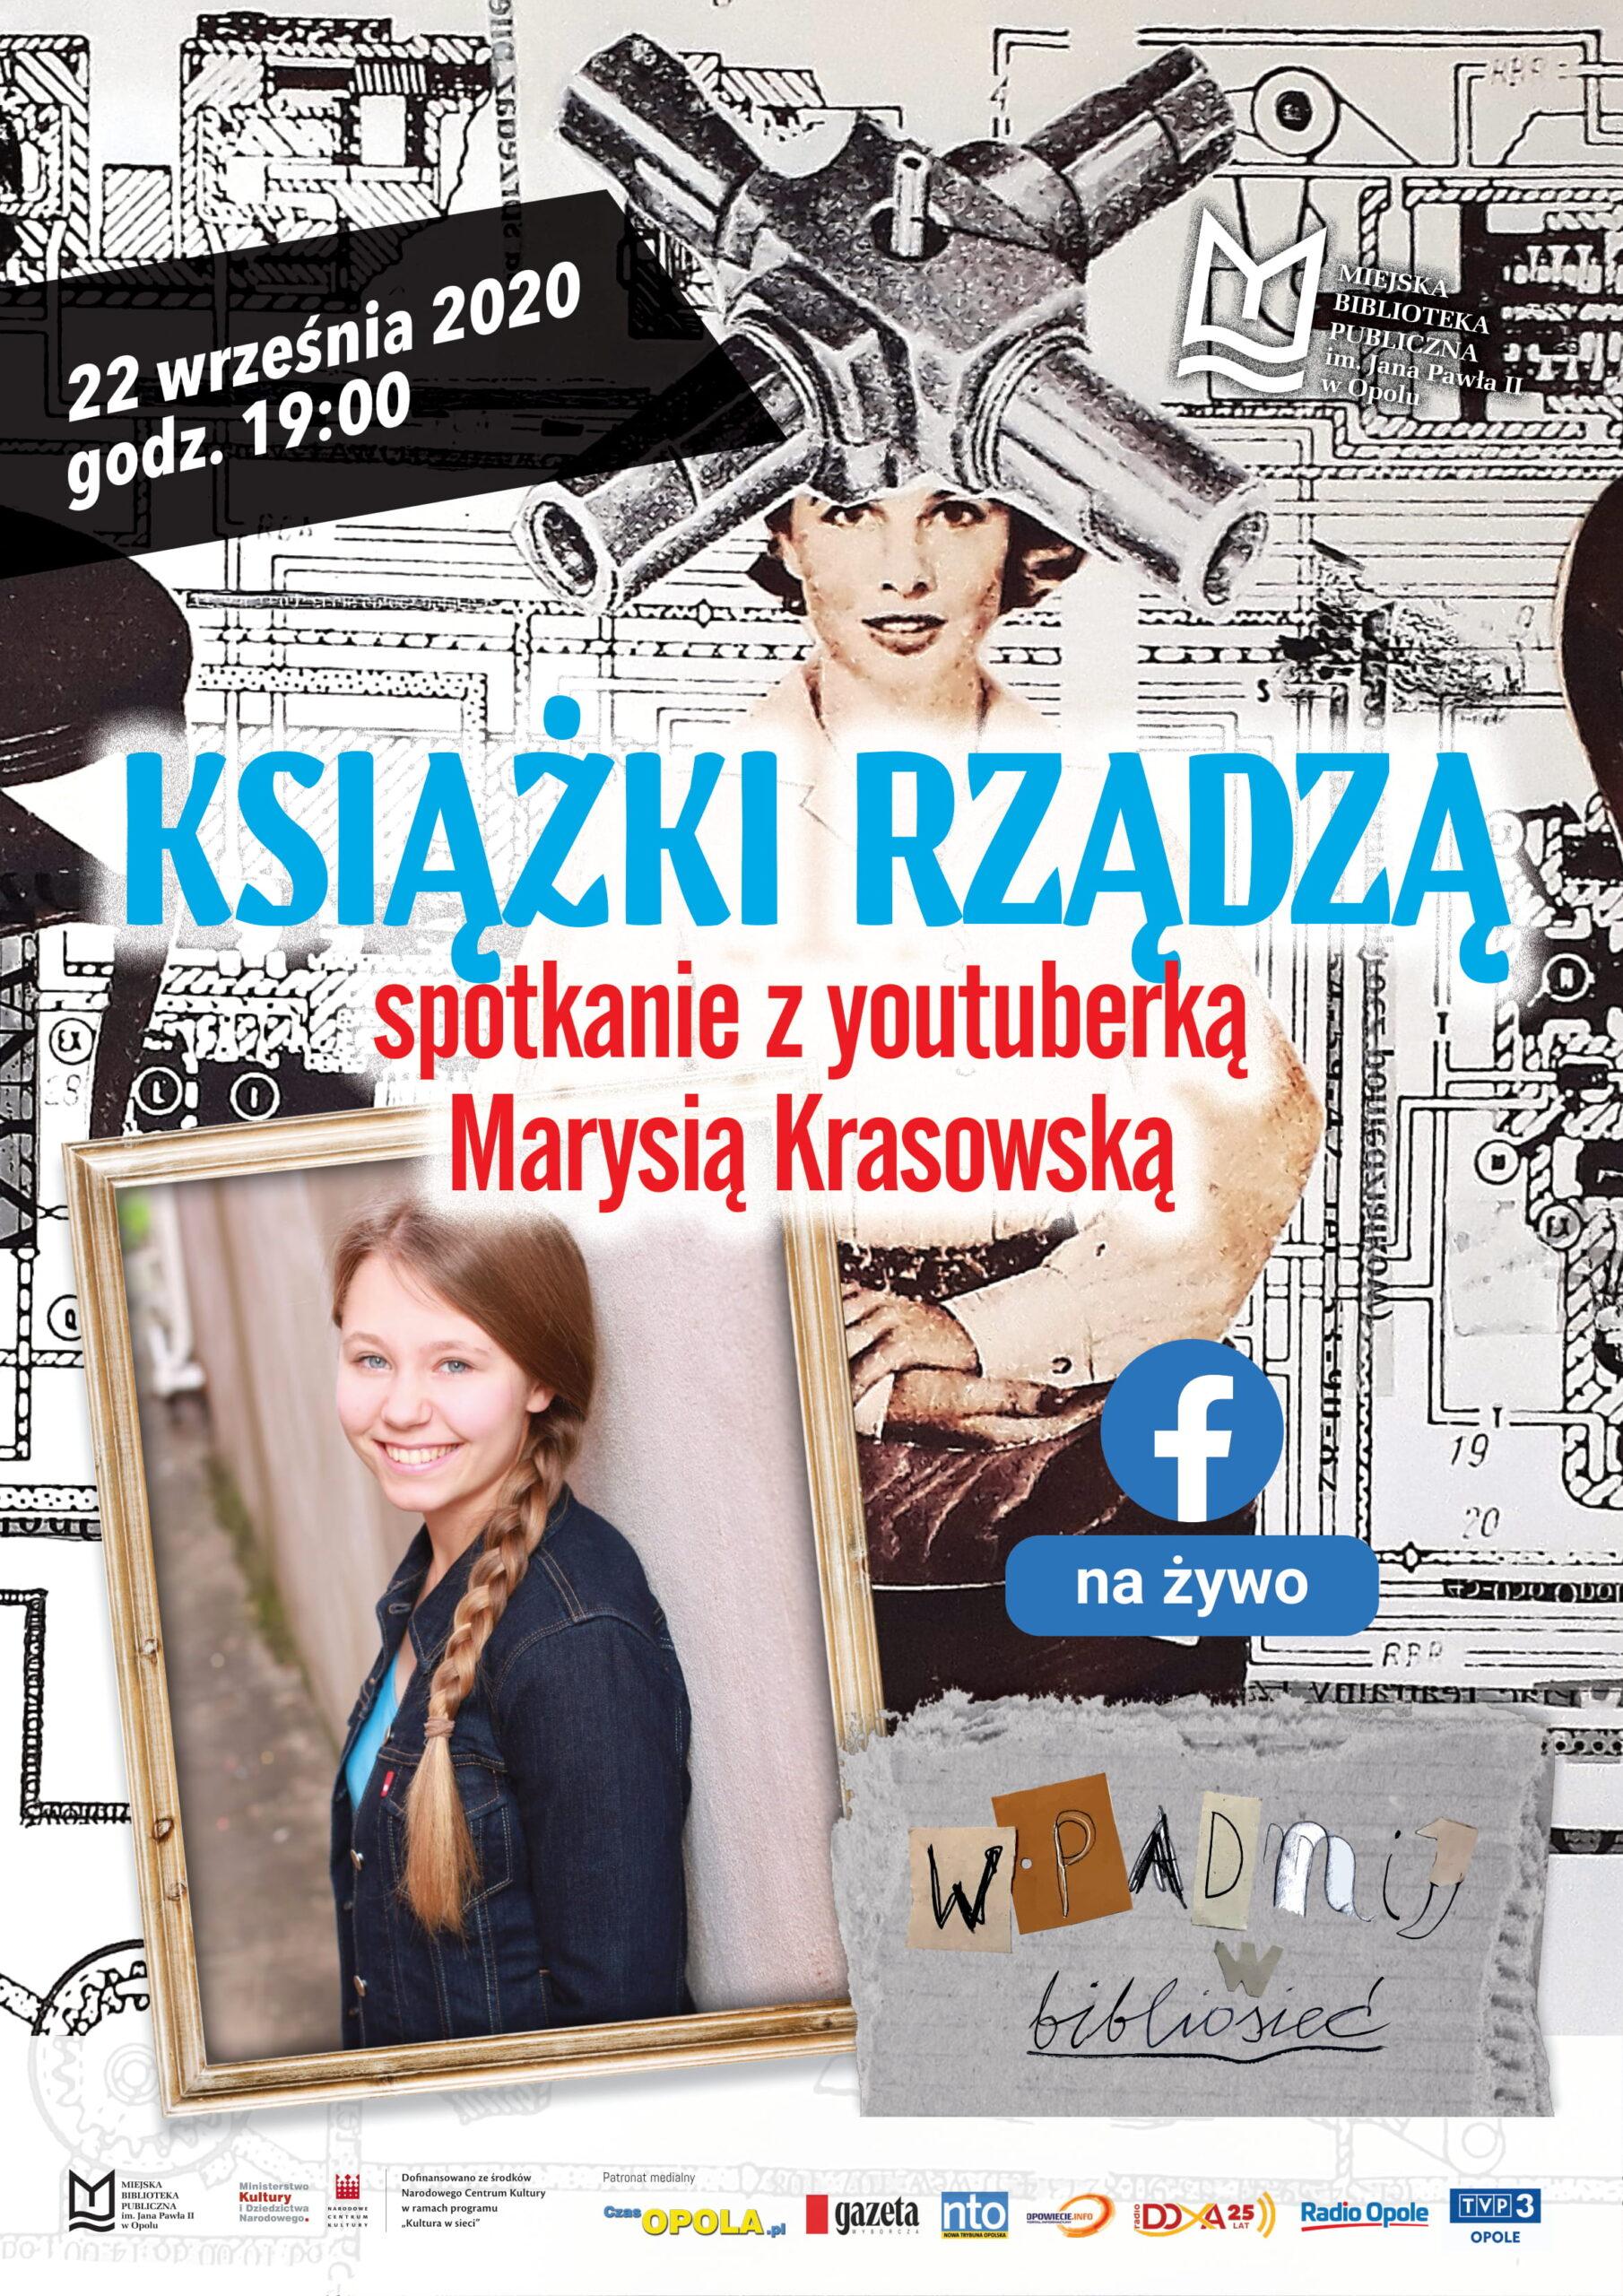 Książki rządzą – spotkanie on-line z youtuberką Marysią Krasowską